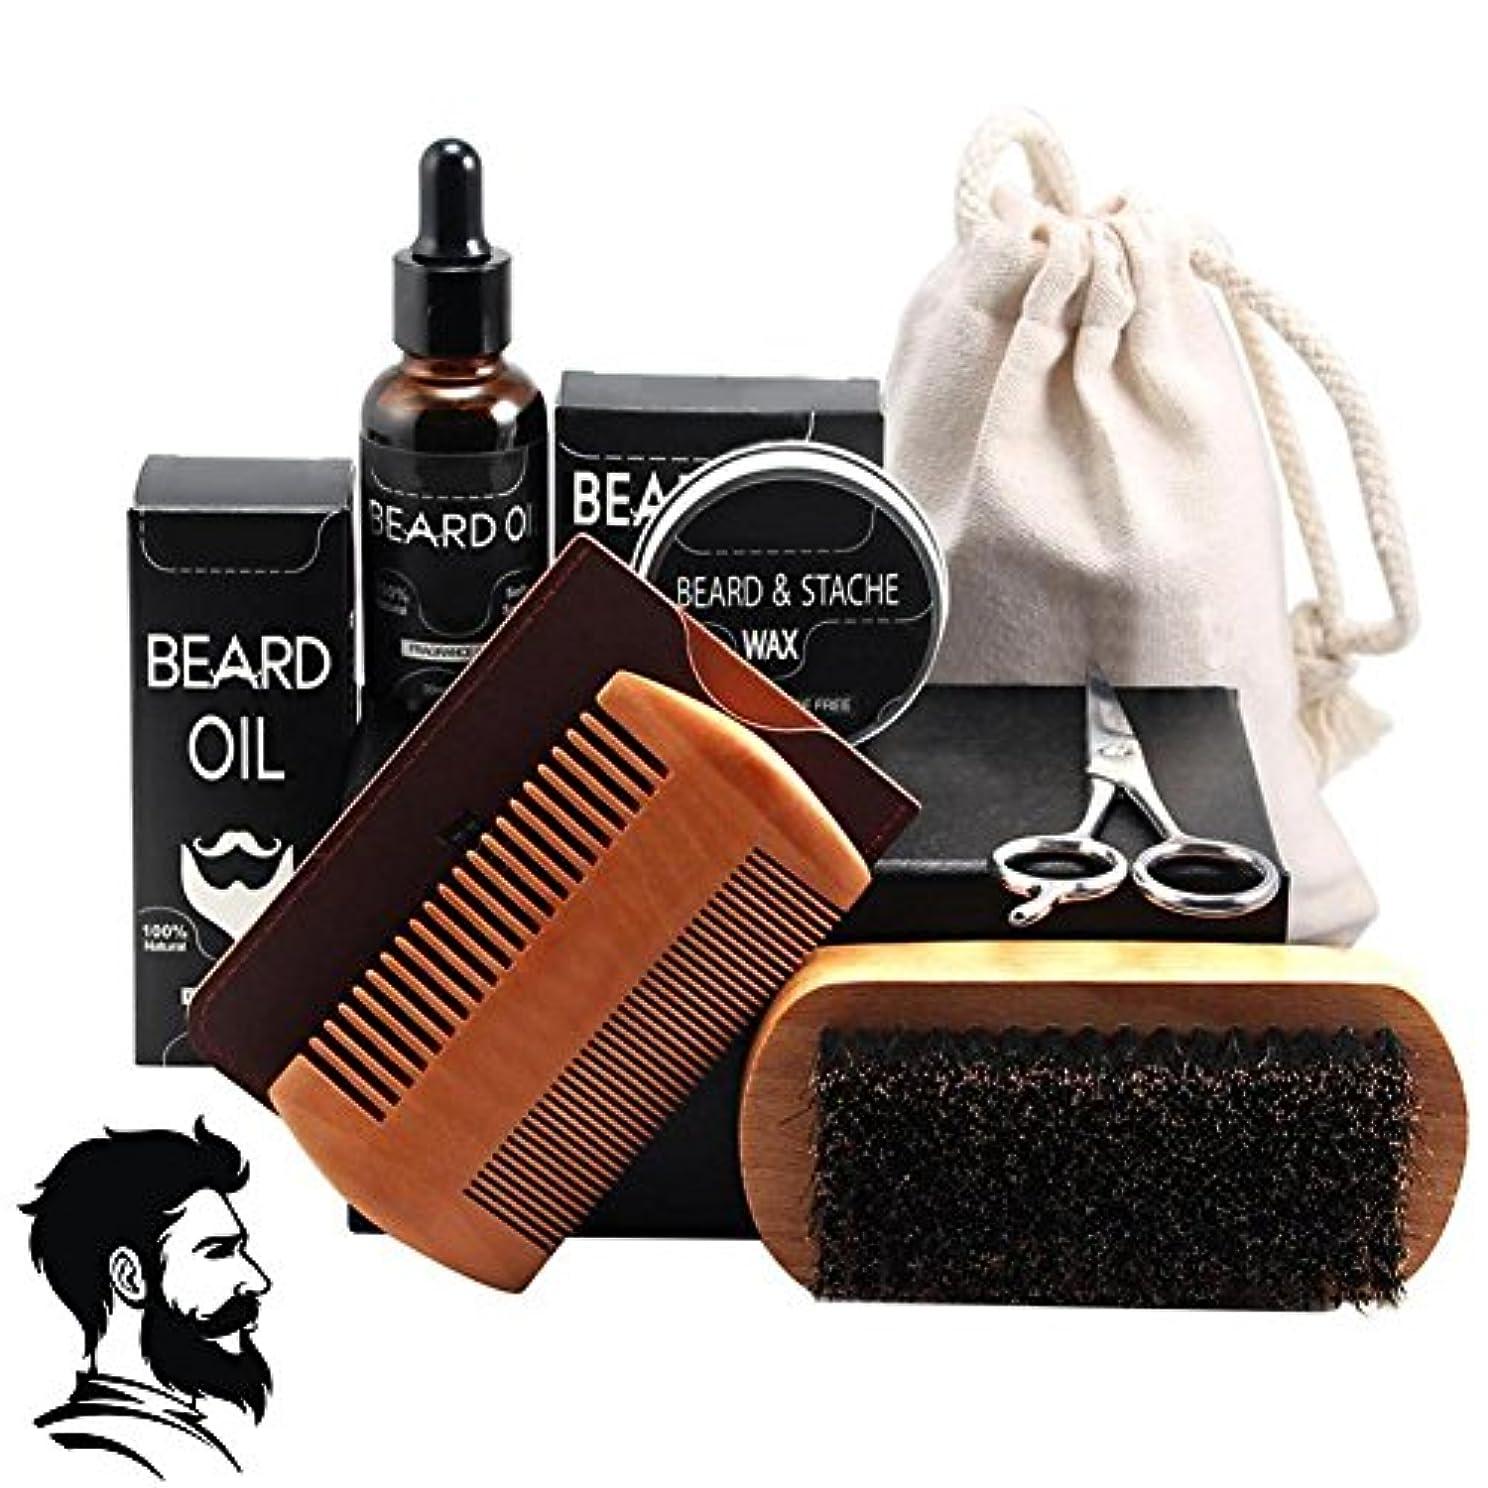 アナウンサーグリップジュニアあごひげ油、男性の口ひげフルセットヘアケアツール(ひげワックスくし付き)(7PCSのパック)用シェービングブラシプロフェッショナルフェイシャルトリミングハサミ